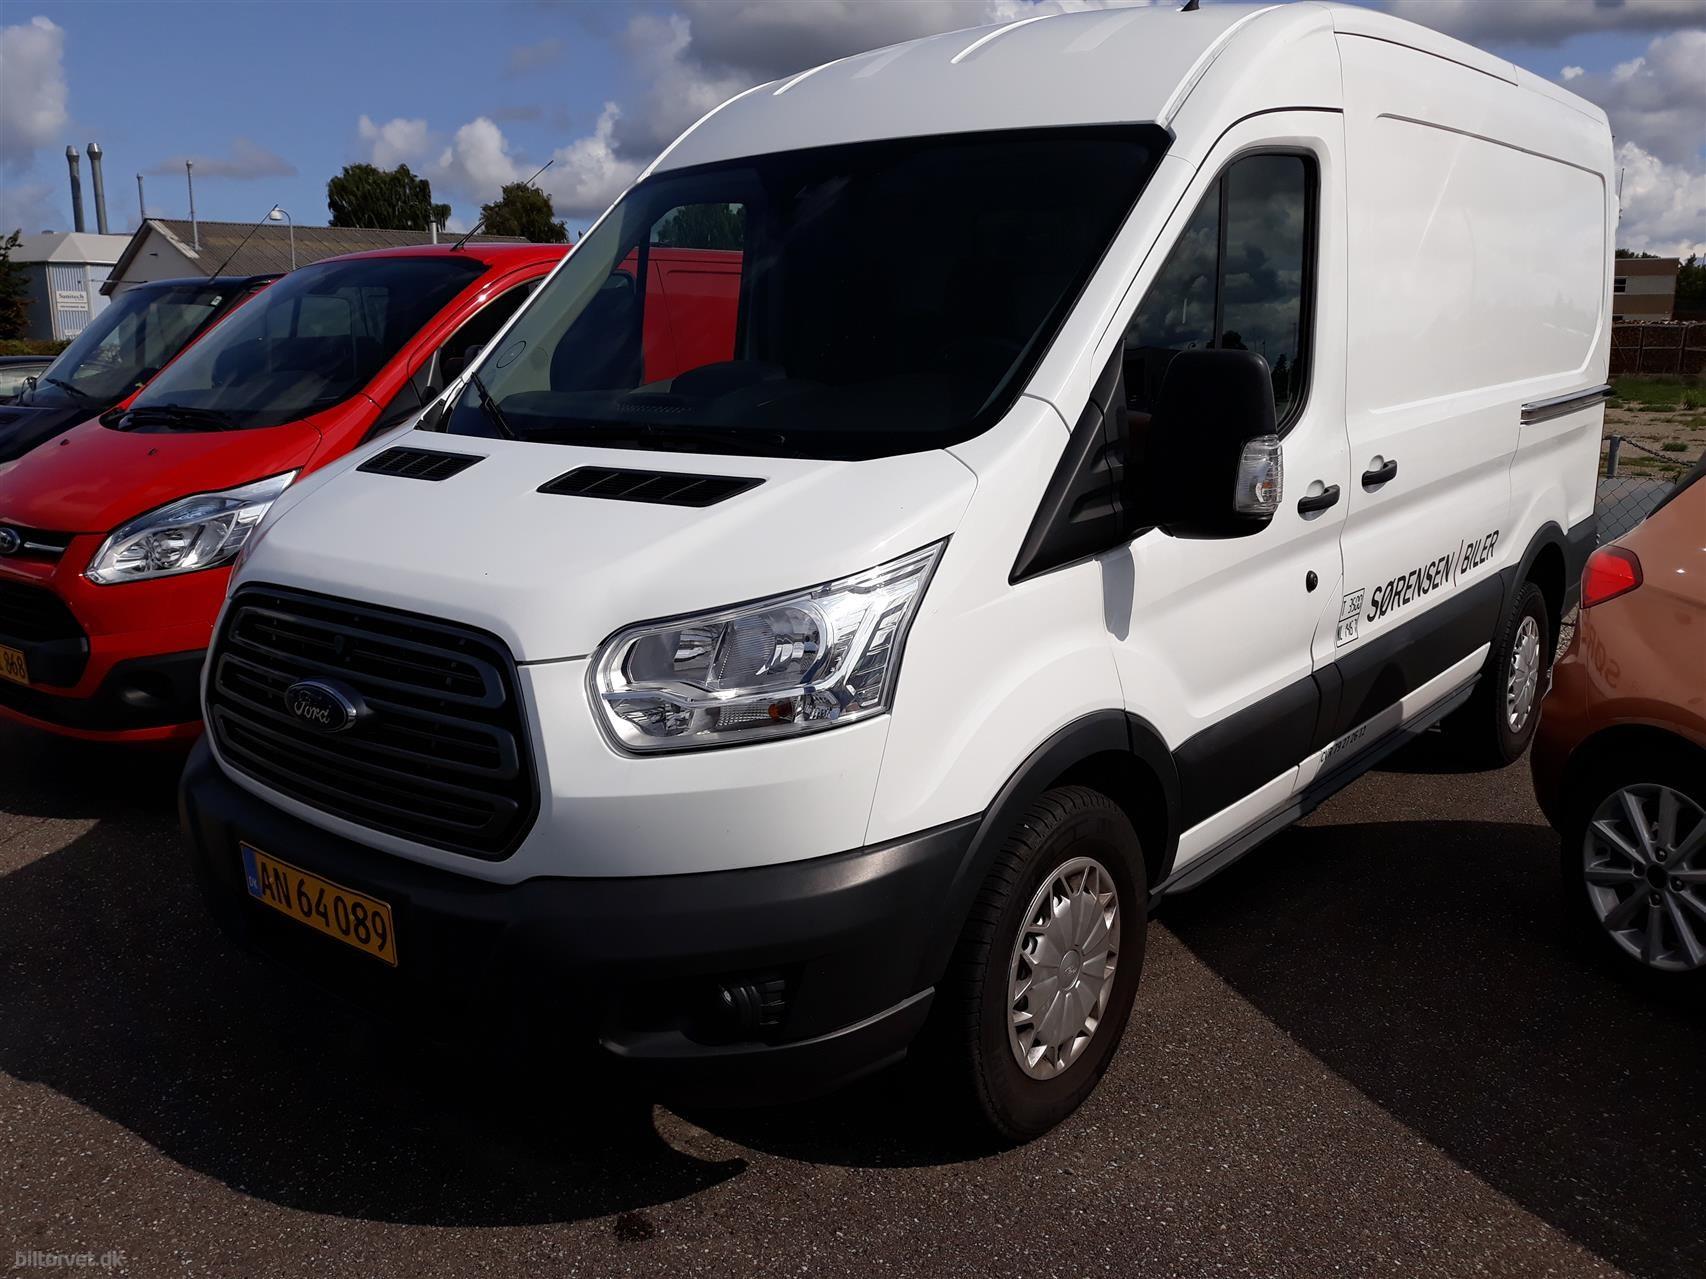 Ford Transit 310 L1 2,2 TDCi Ambiente 2WD 125HK Van 6g 2014